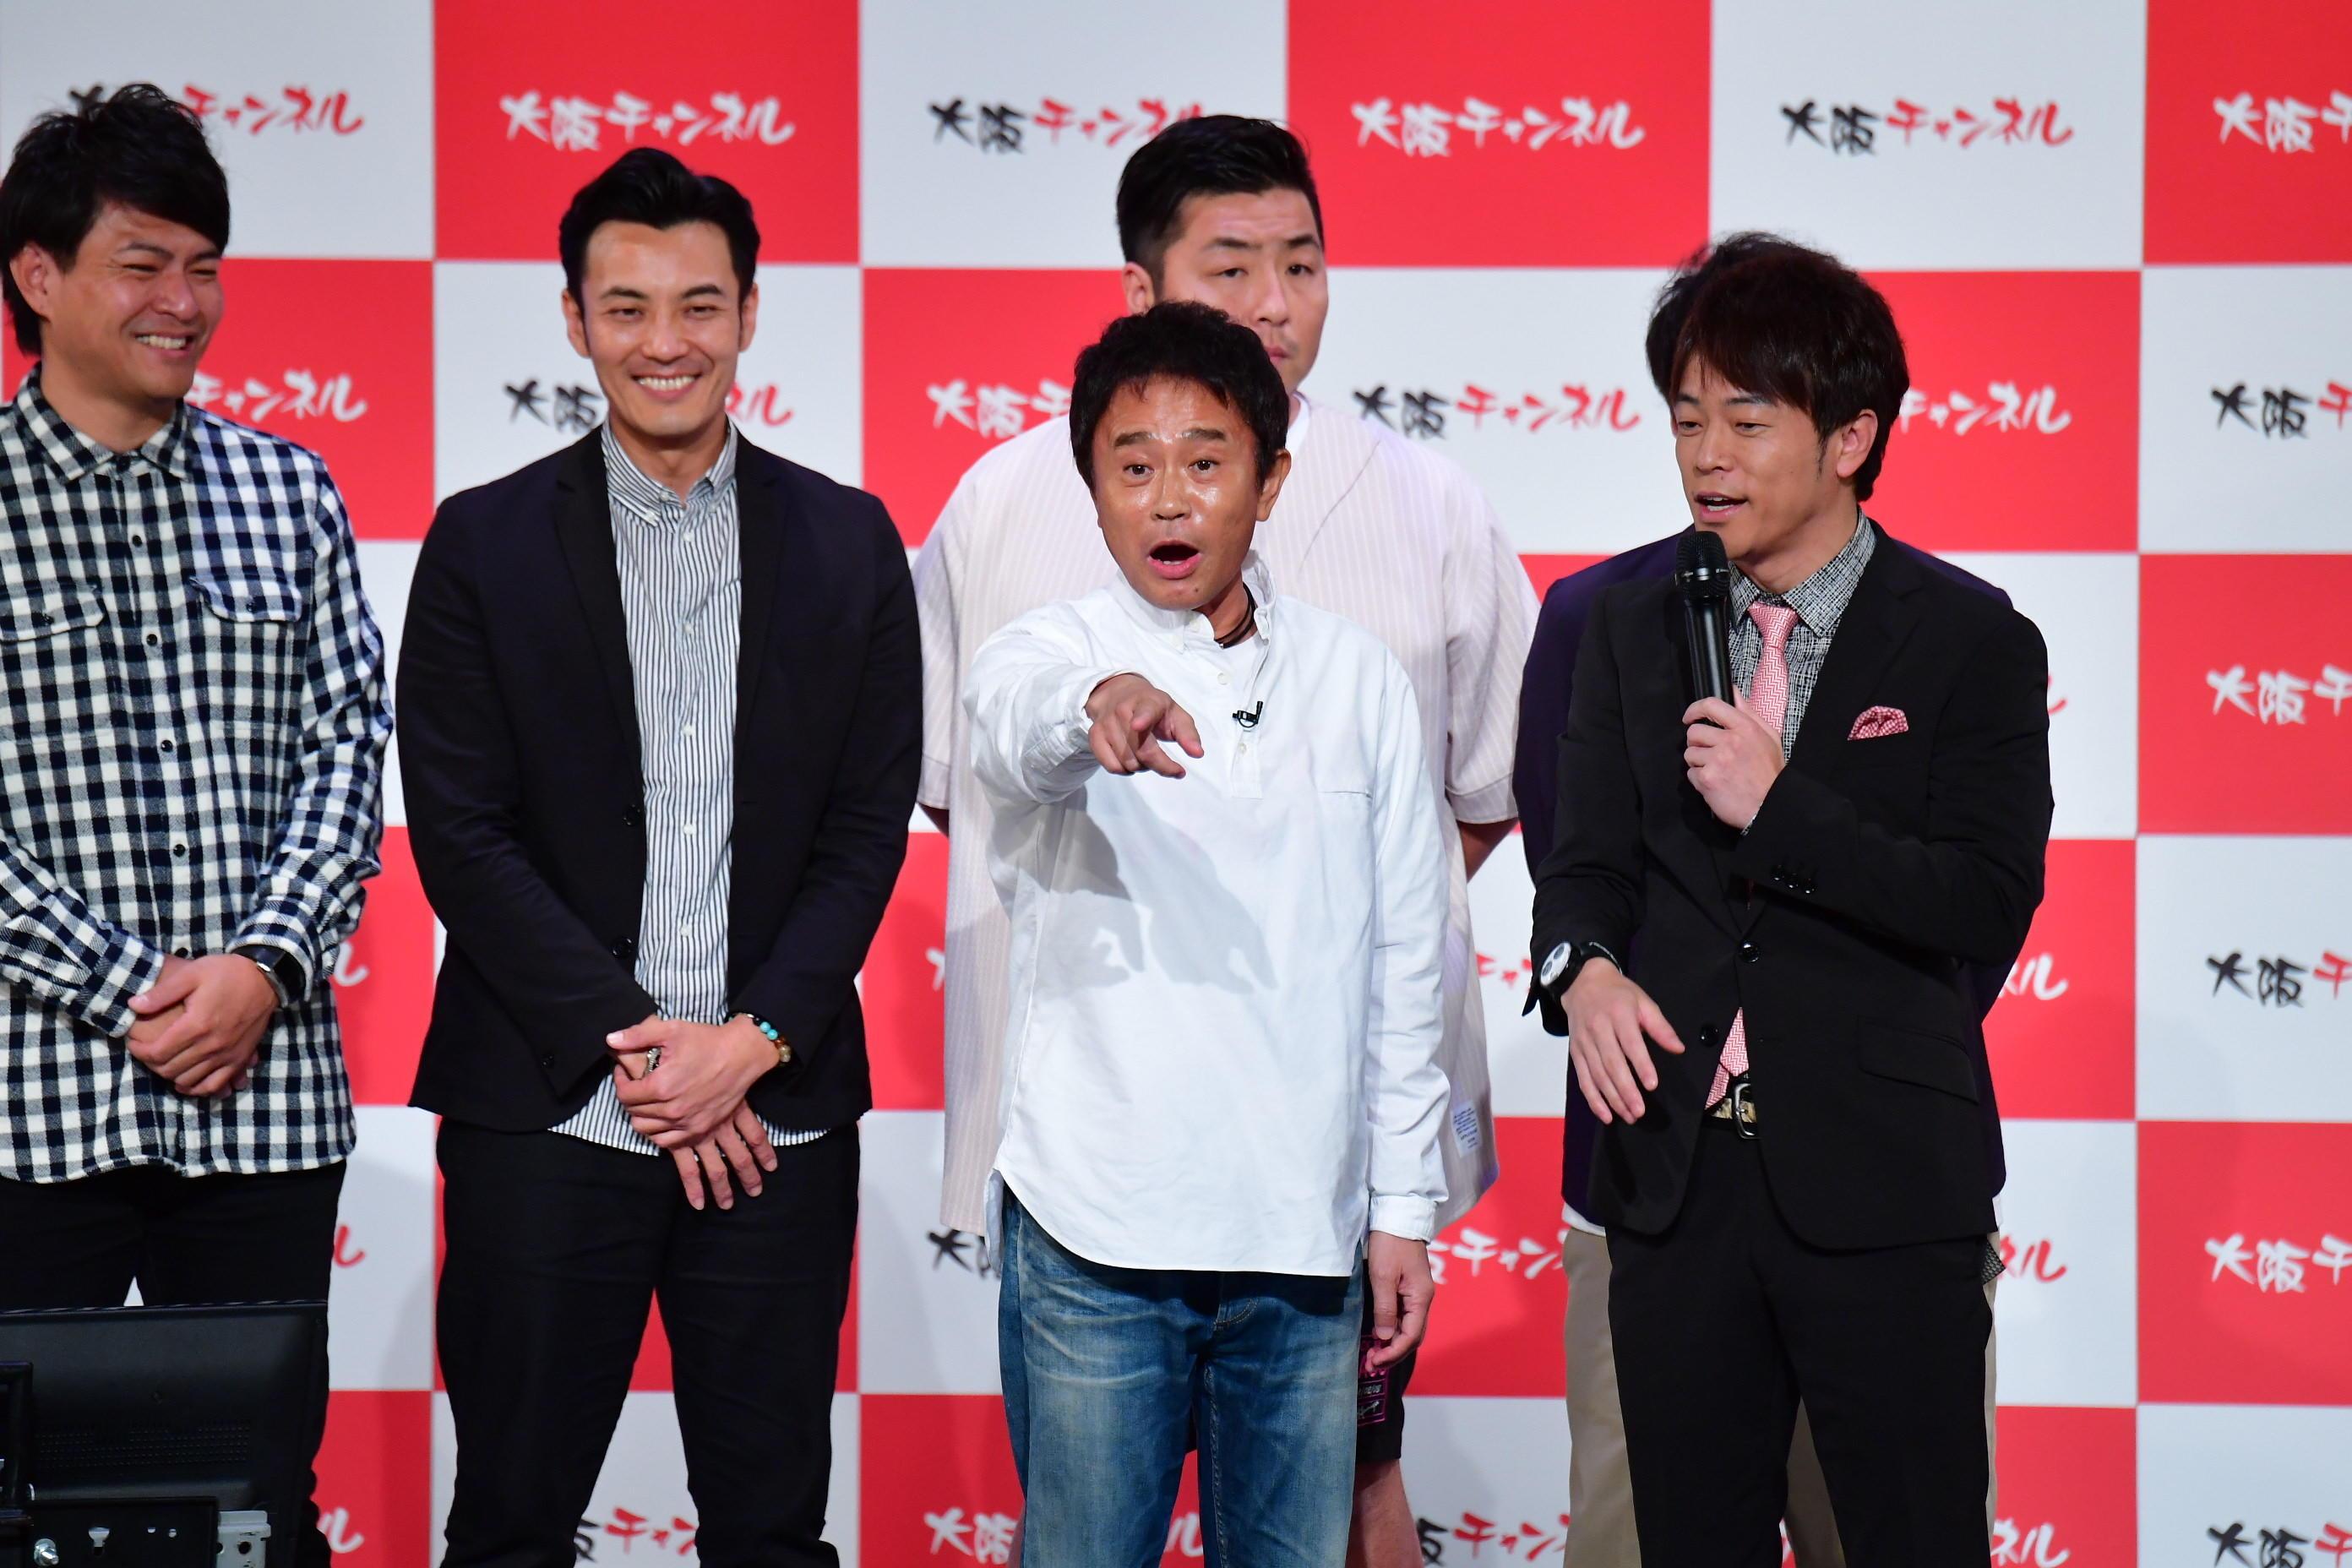 http://news.yoshimoto.co.jp/20180514224726-a8718acc8388ef13ec8daaa7ac0bf6751eec164b.jpg